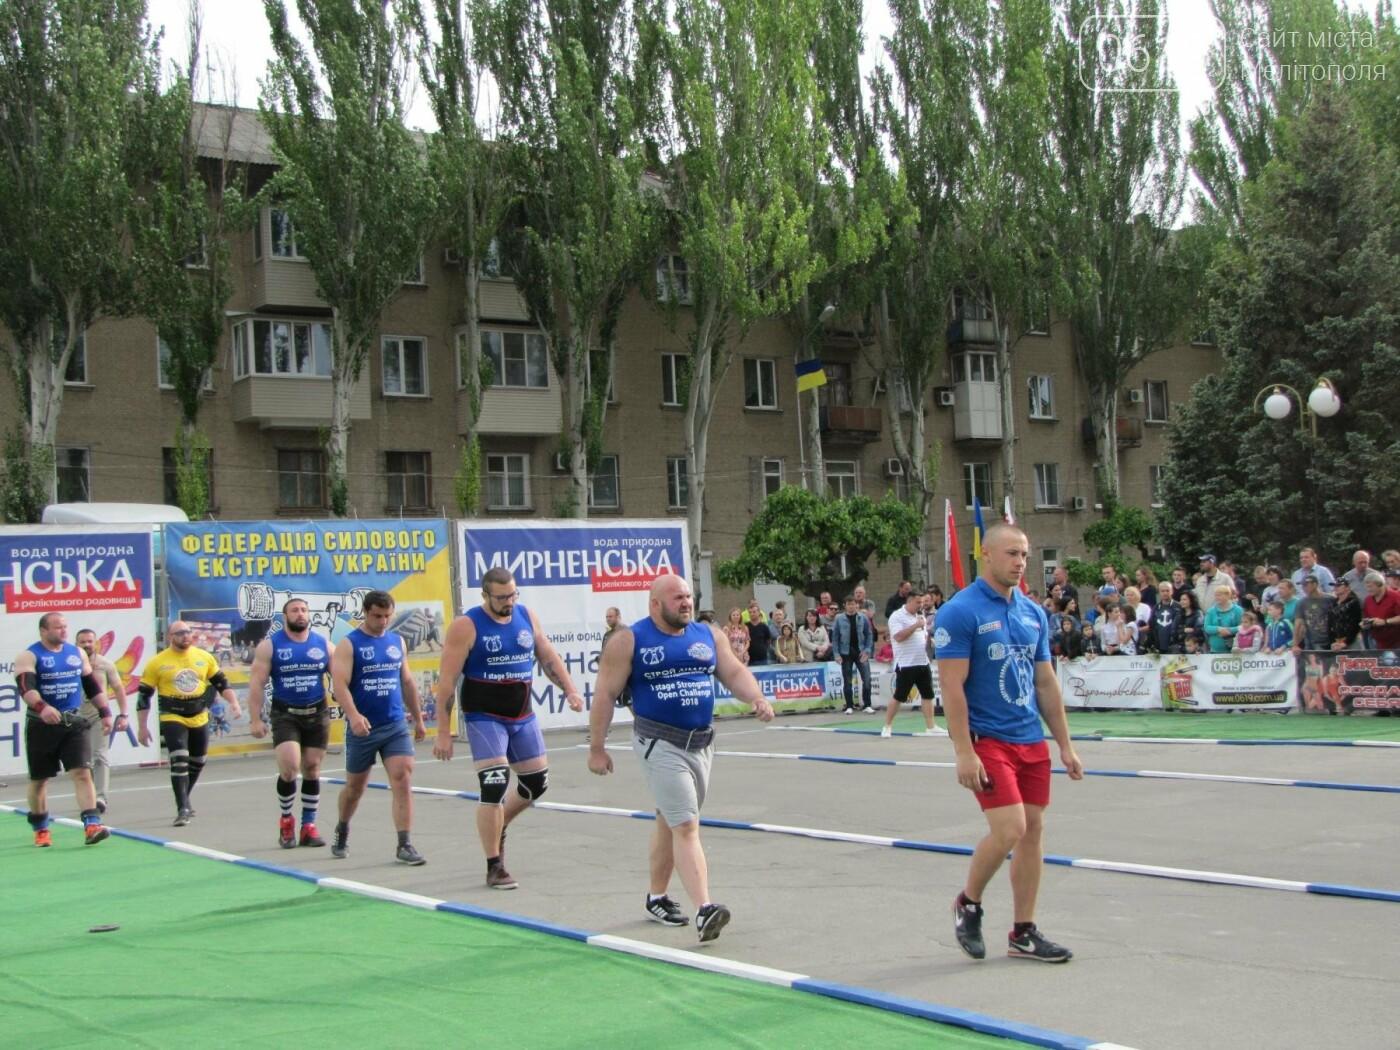 Три победы за неделю: мелитопольский богатырь выиграл второй этап международного чемпионата, фото-6